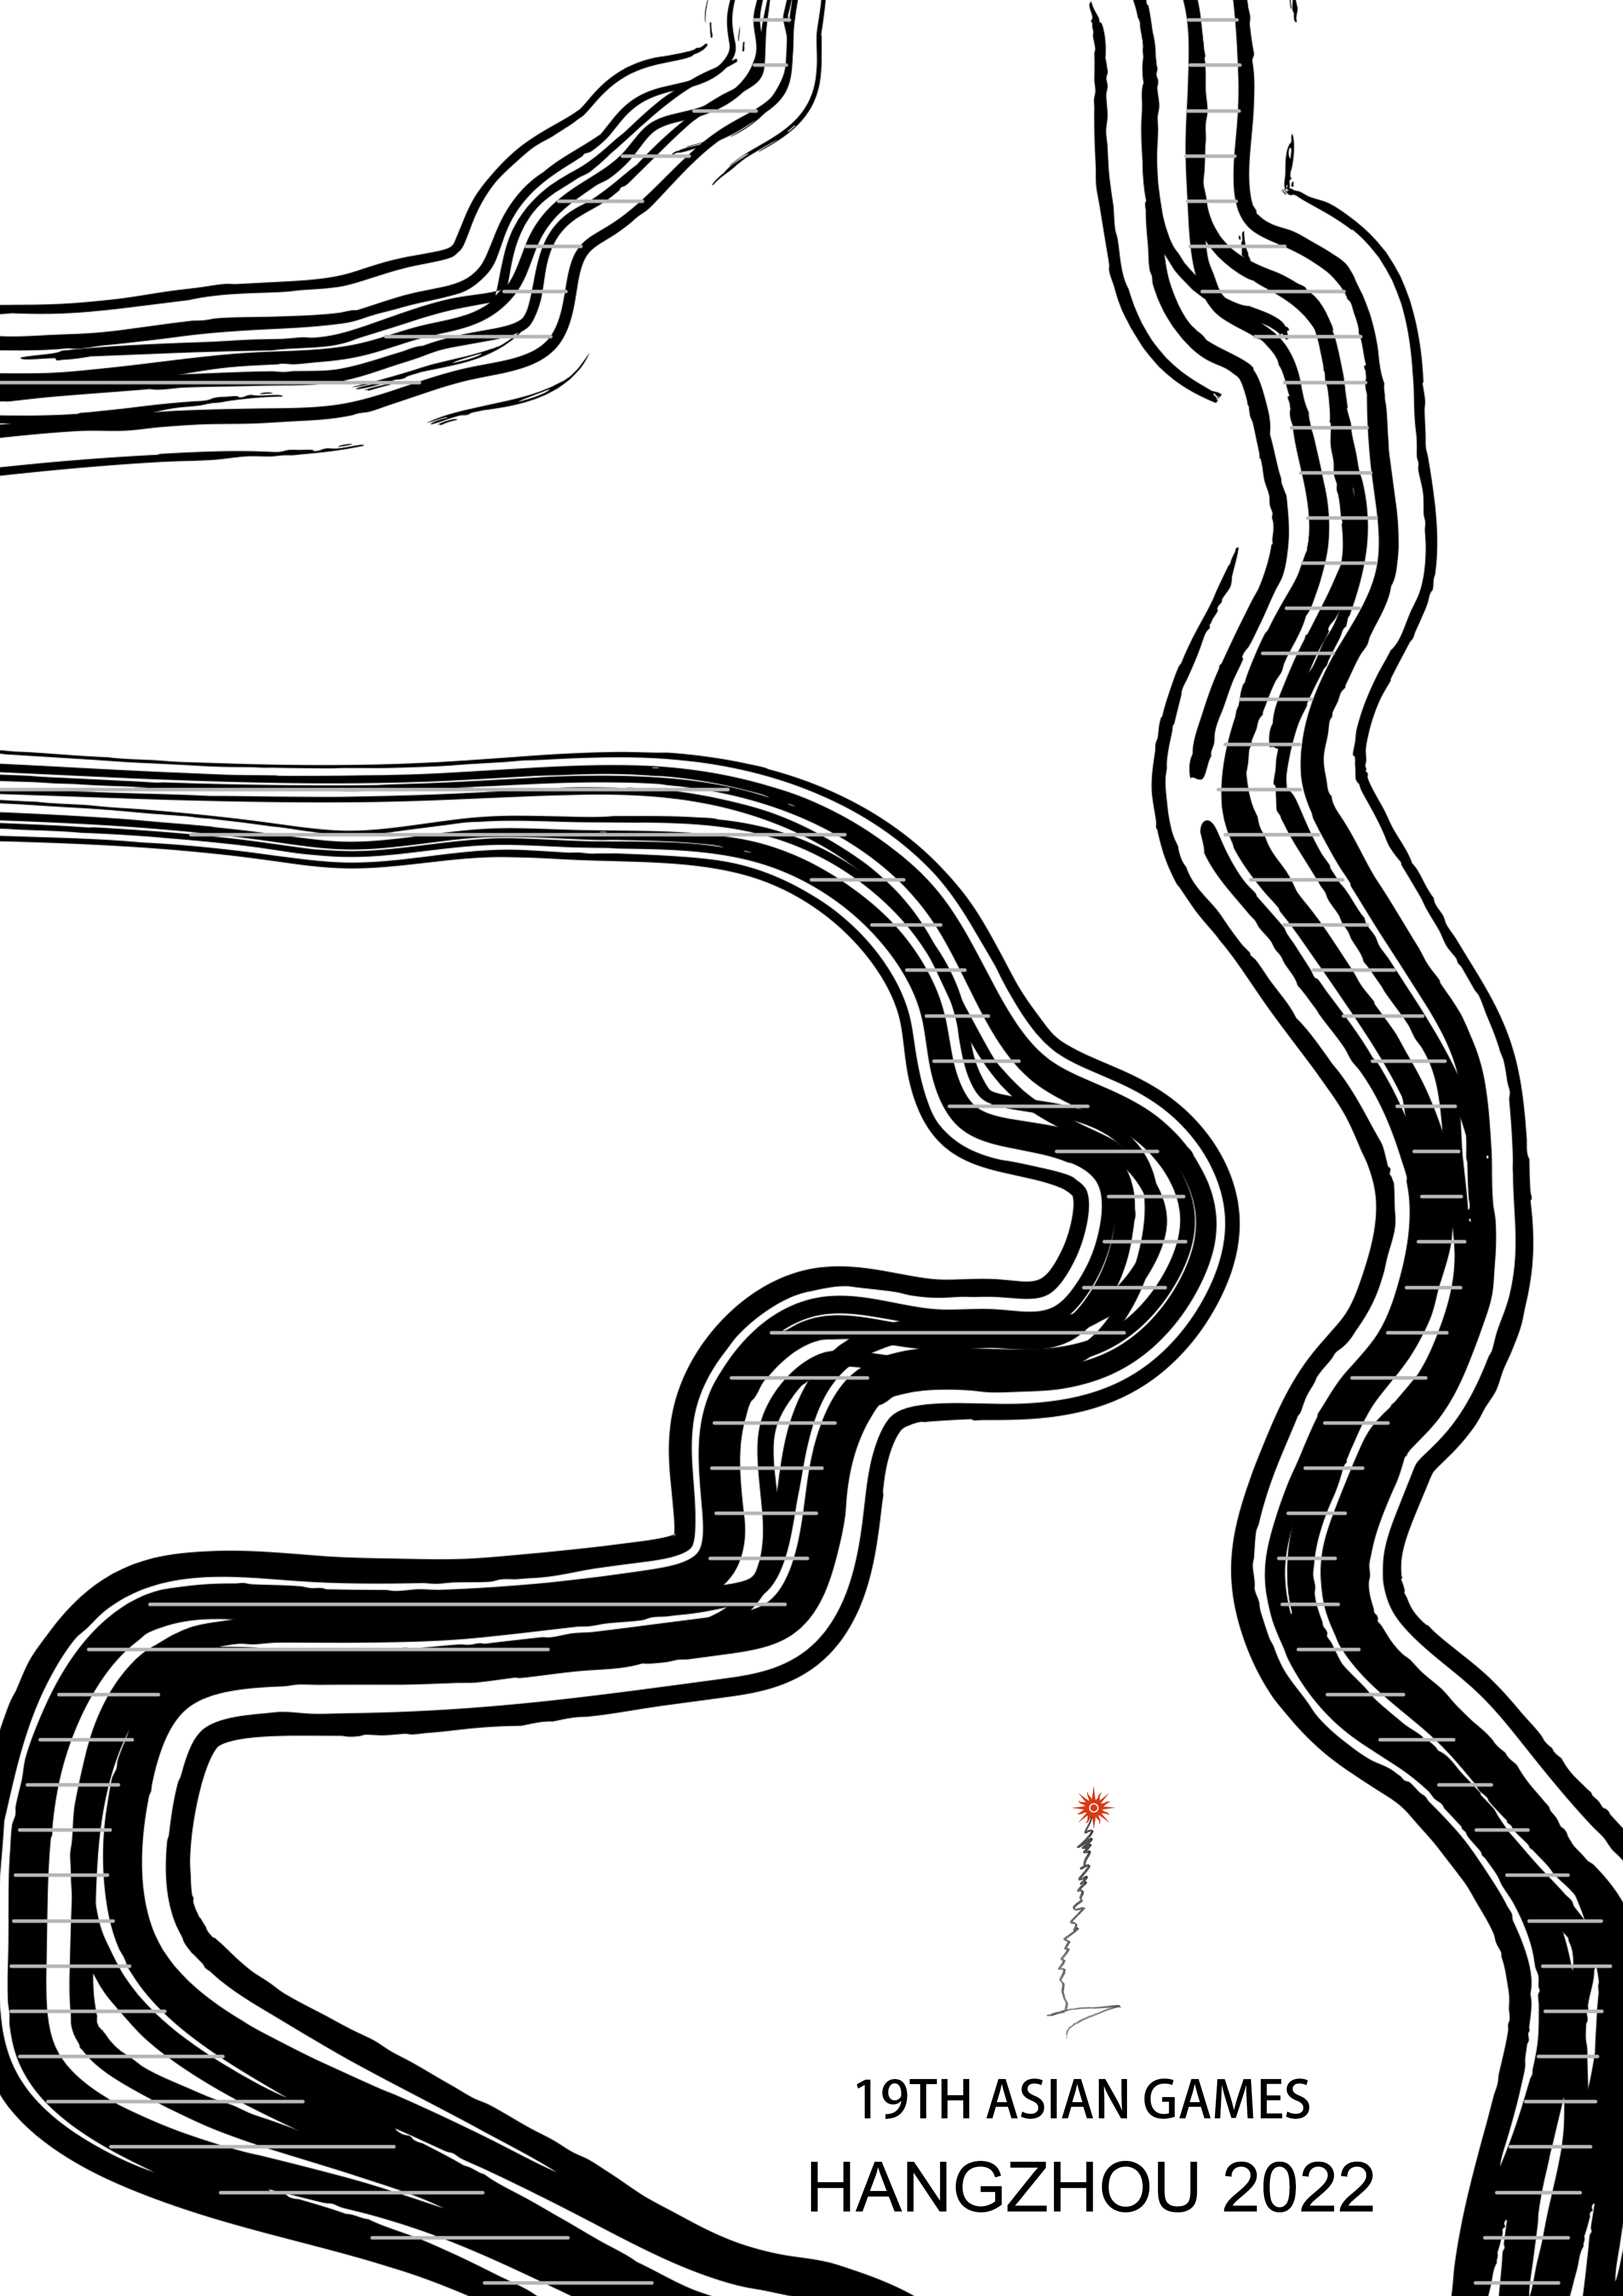 2022杭州亚运会海报设计